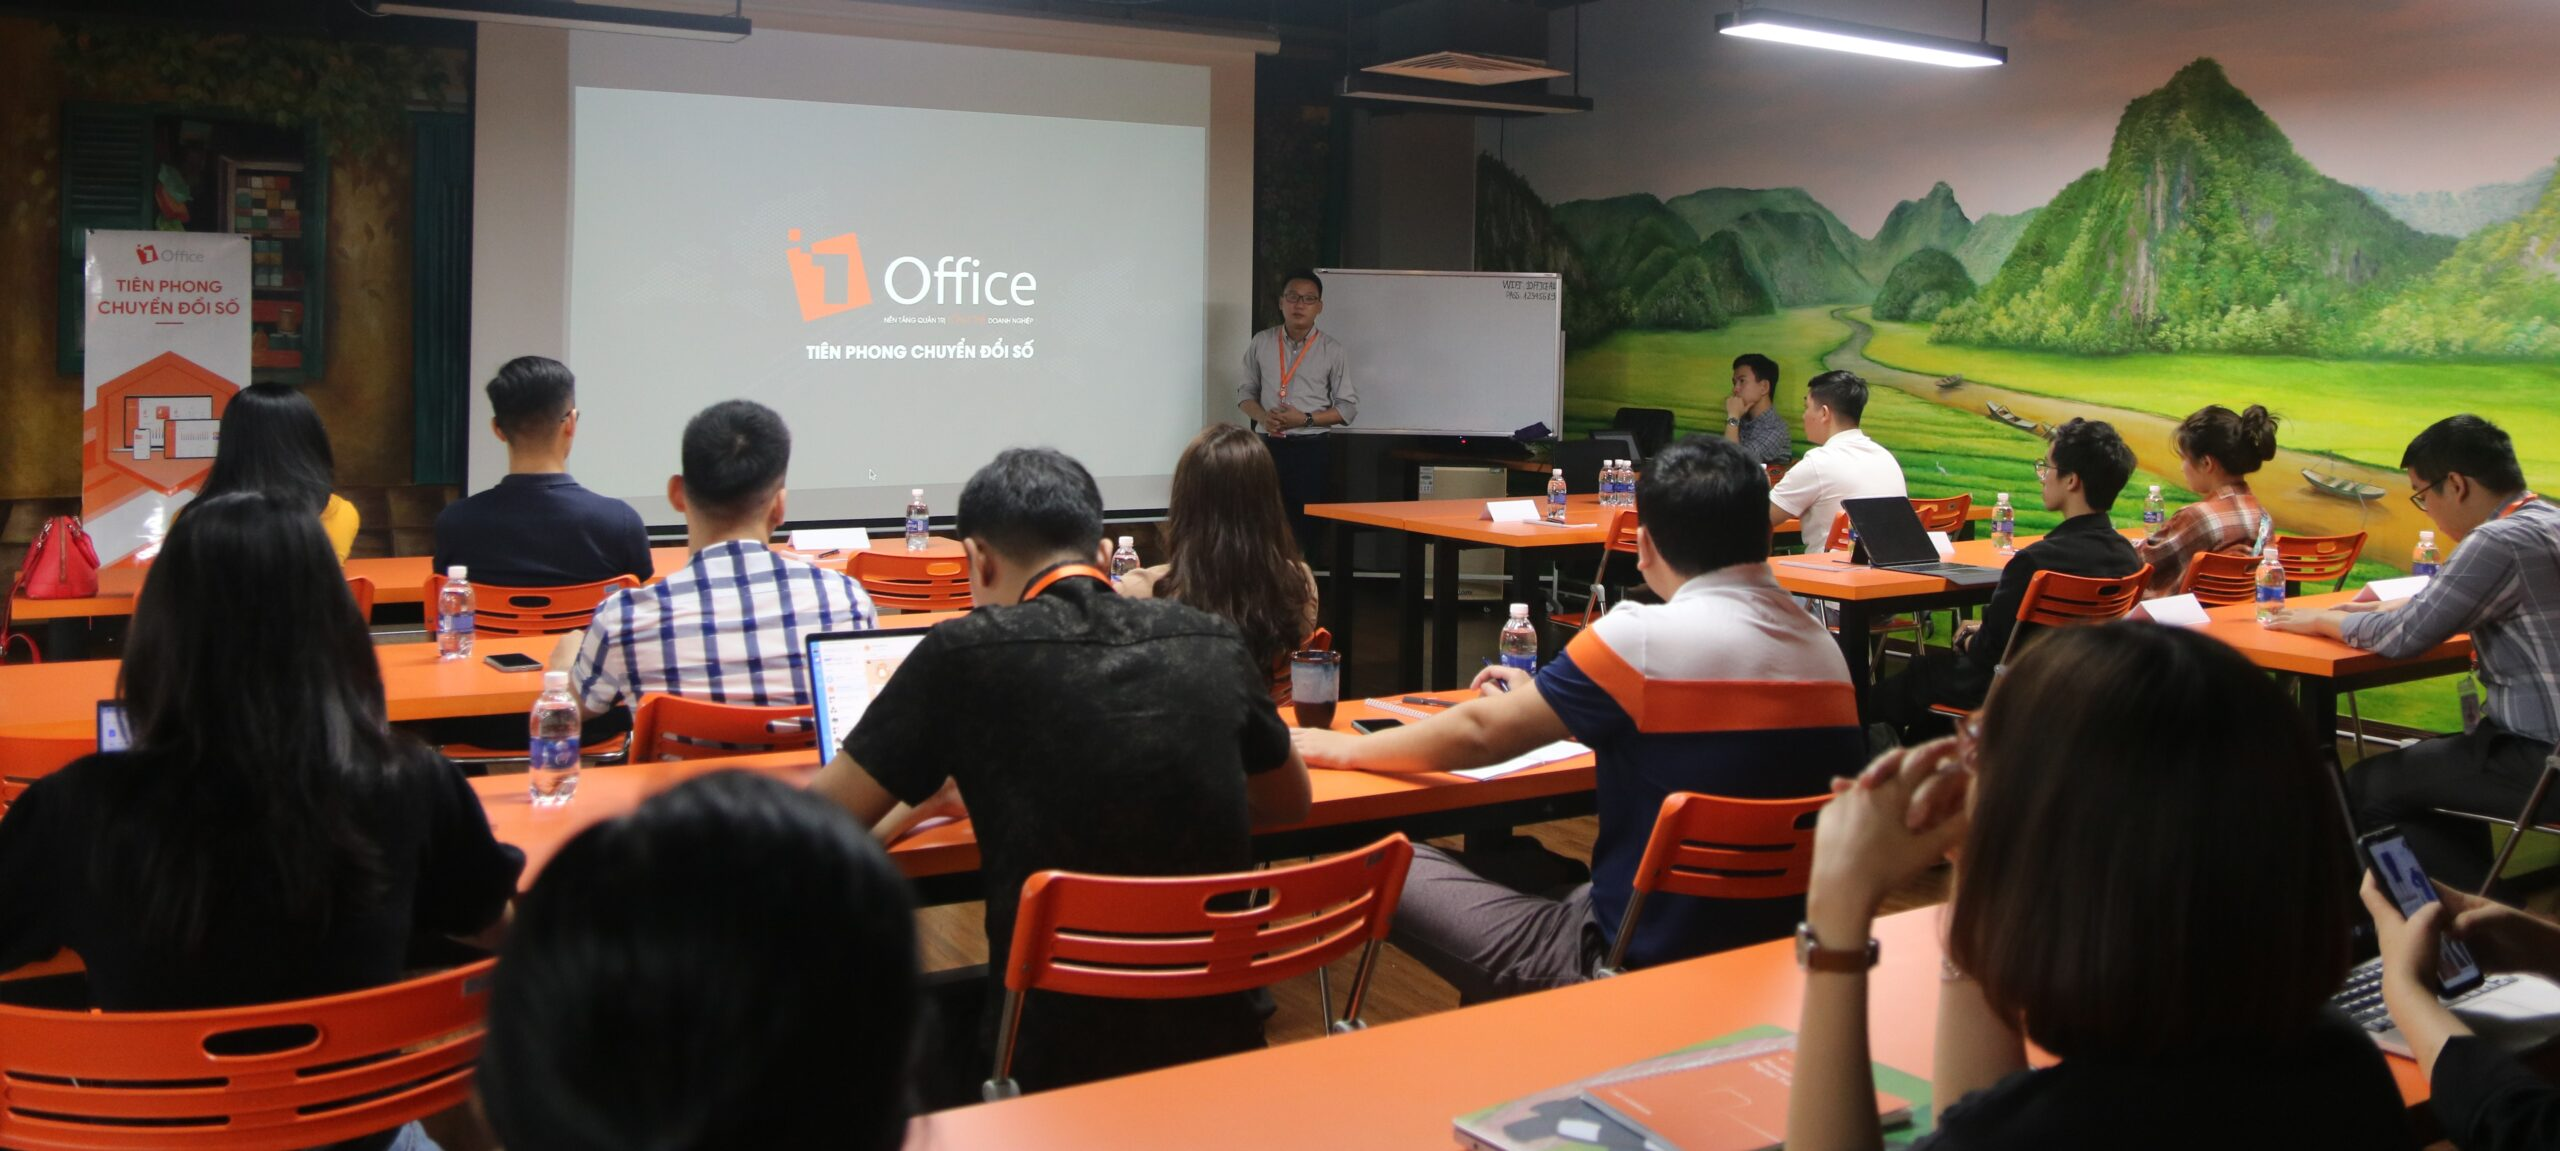 Ứng dụng 1Office trong chuyển đổi số doanh nghiệp